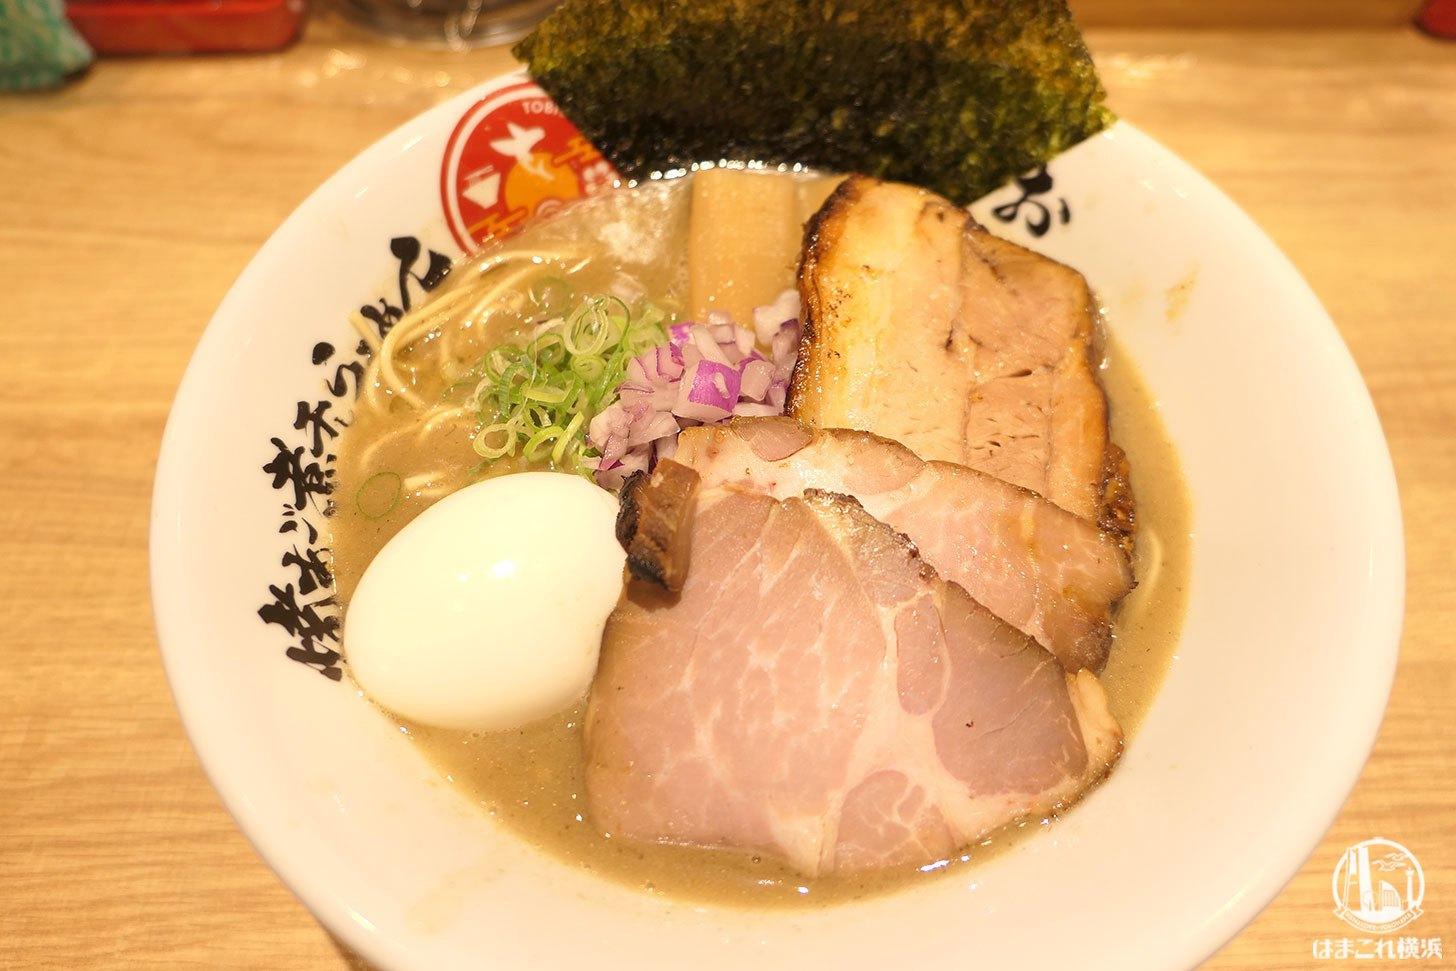 焼あご煮干しらぁめん「とびうお」超濃厚魚介スープで衝撃!大和市・南林間ラーメン店